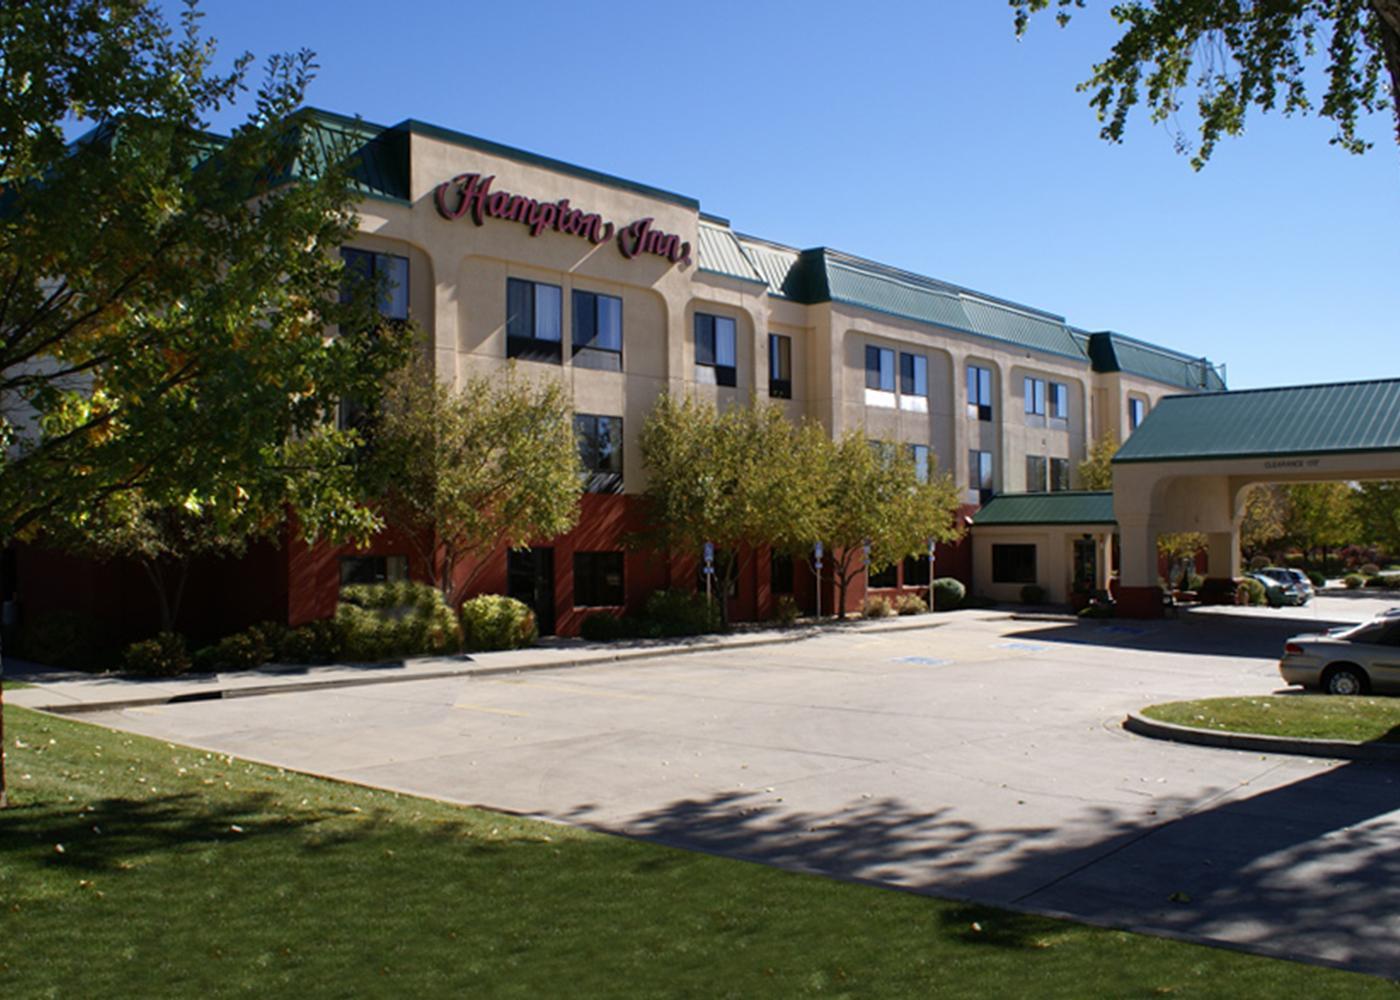 Hampton Inn, Fort Collins, Colo.